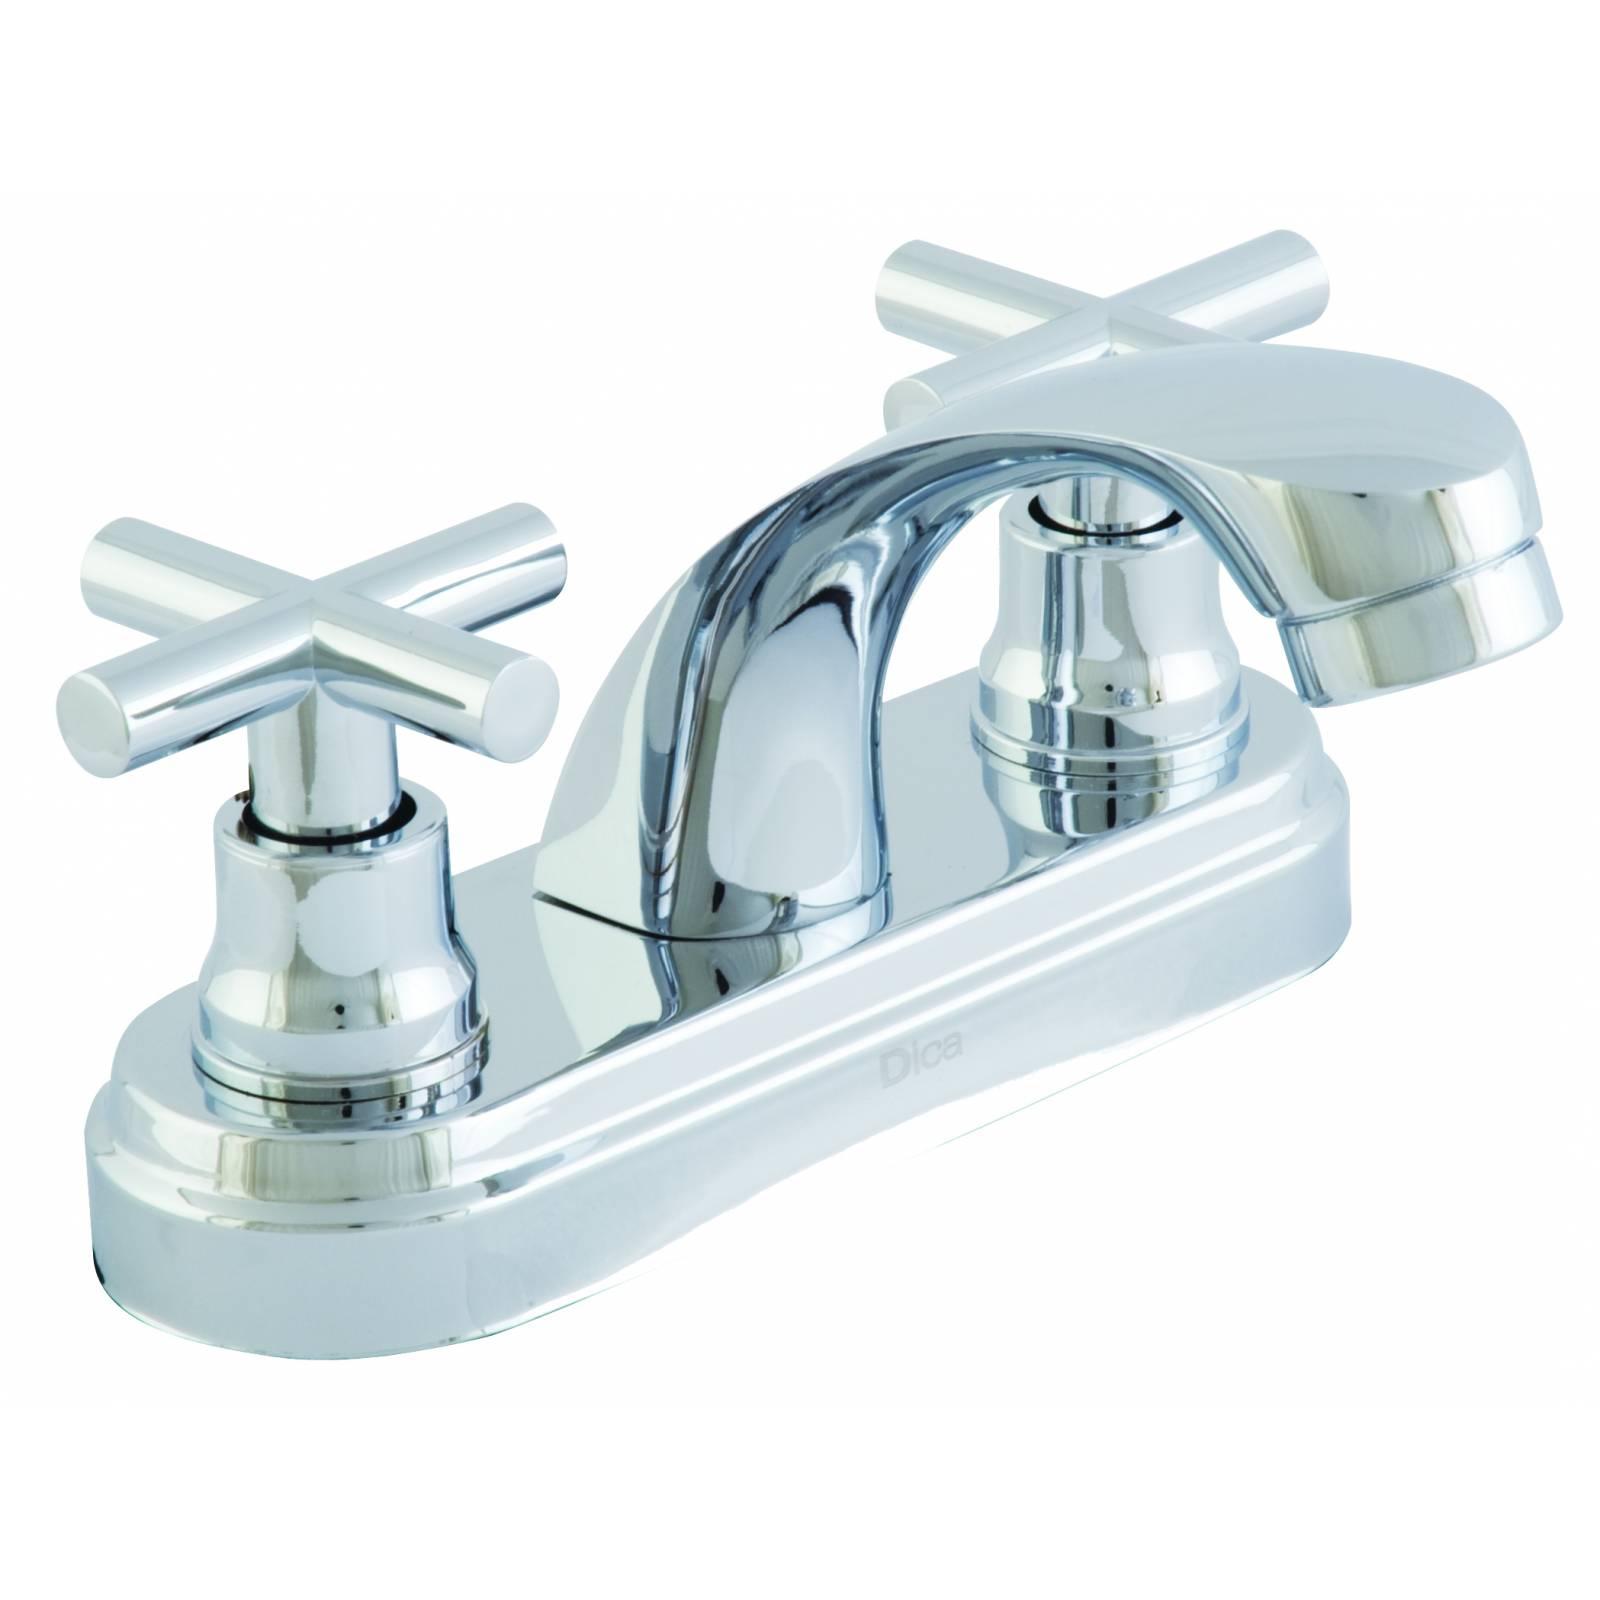 Mezcladora de 4in para lavabo con cubierta y manerales DICA